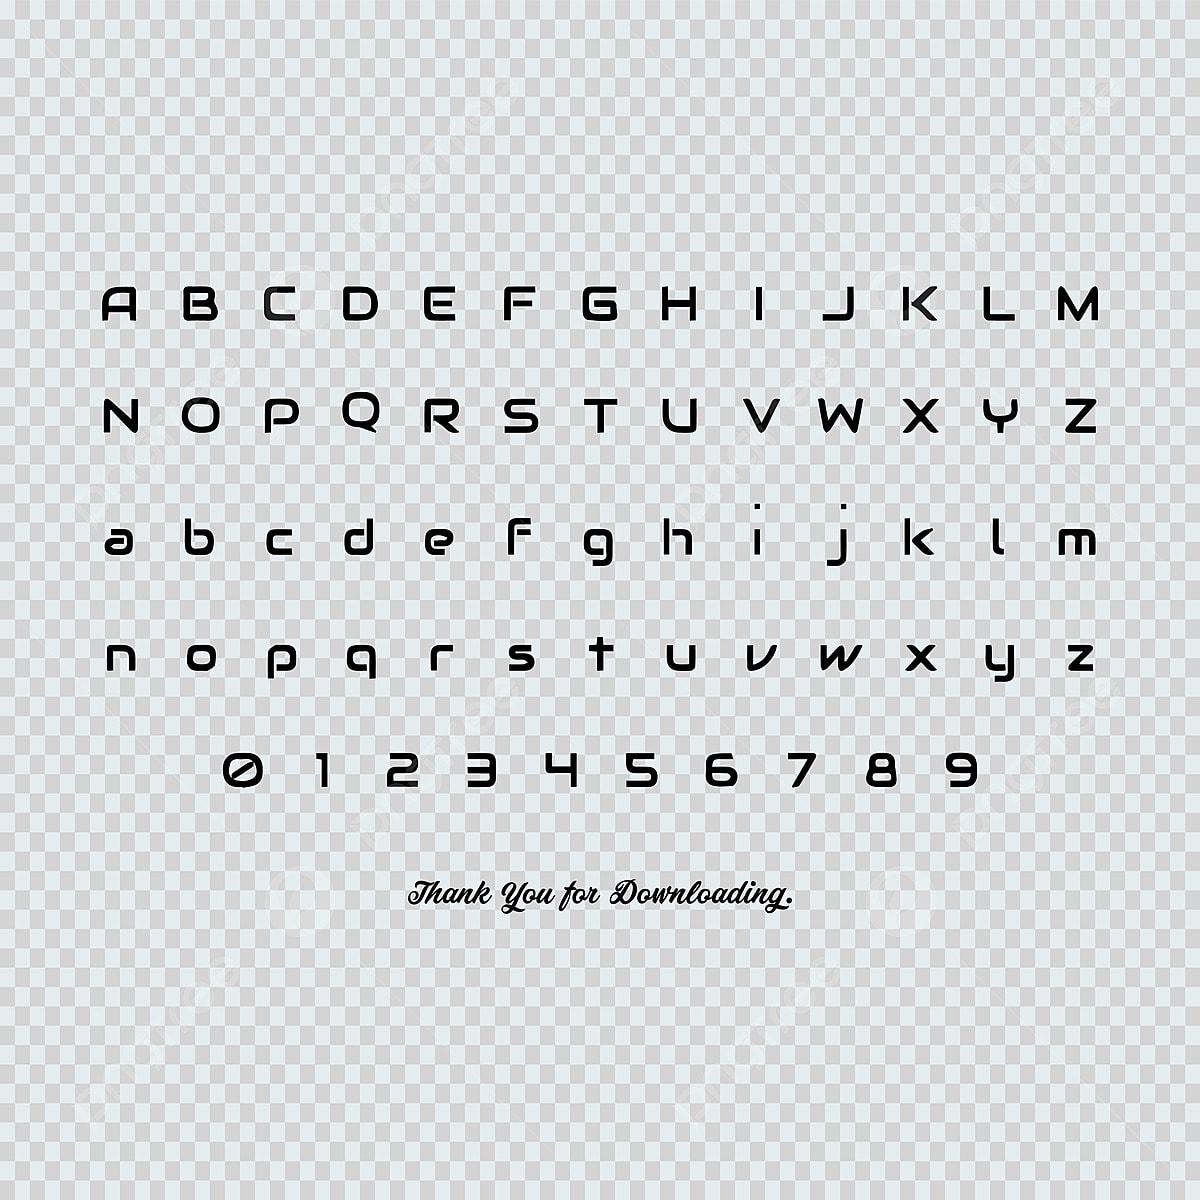 حروف انجليزيه Png الصور ناقل و Psd الملفات تحميل مجاني على Pngtree